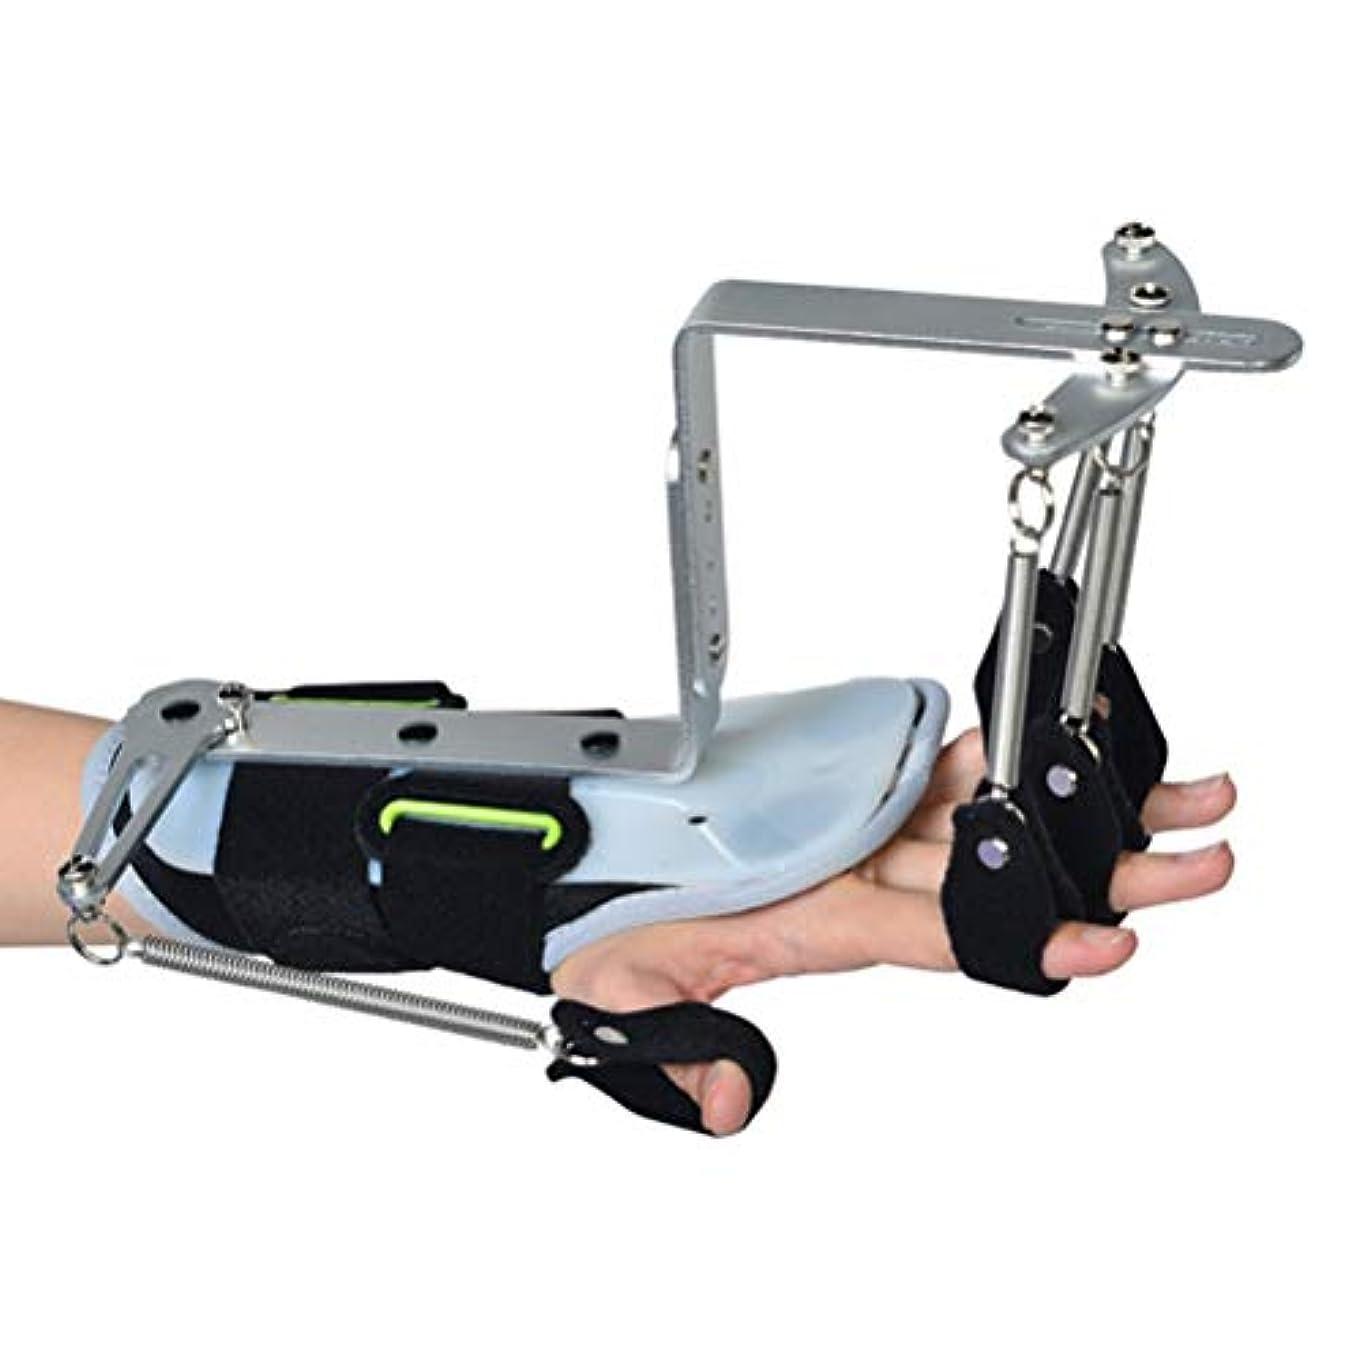 ショットむしゃむしゃ免除するSUPVOX SUPVOX指矯正器指トレーニングボード調節可能な指 副子片麻痺リハビリテーション装置 指を伸ばして